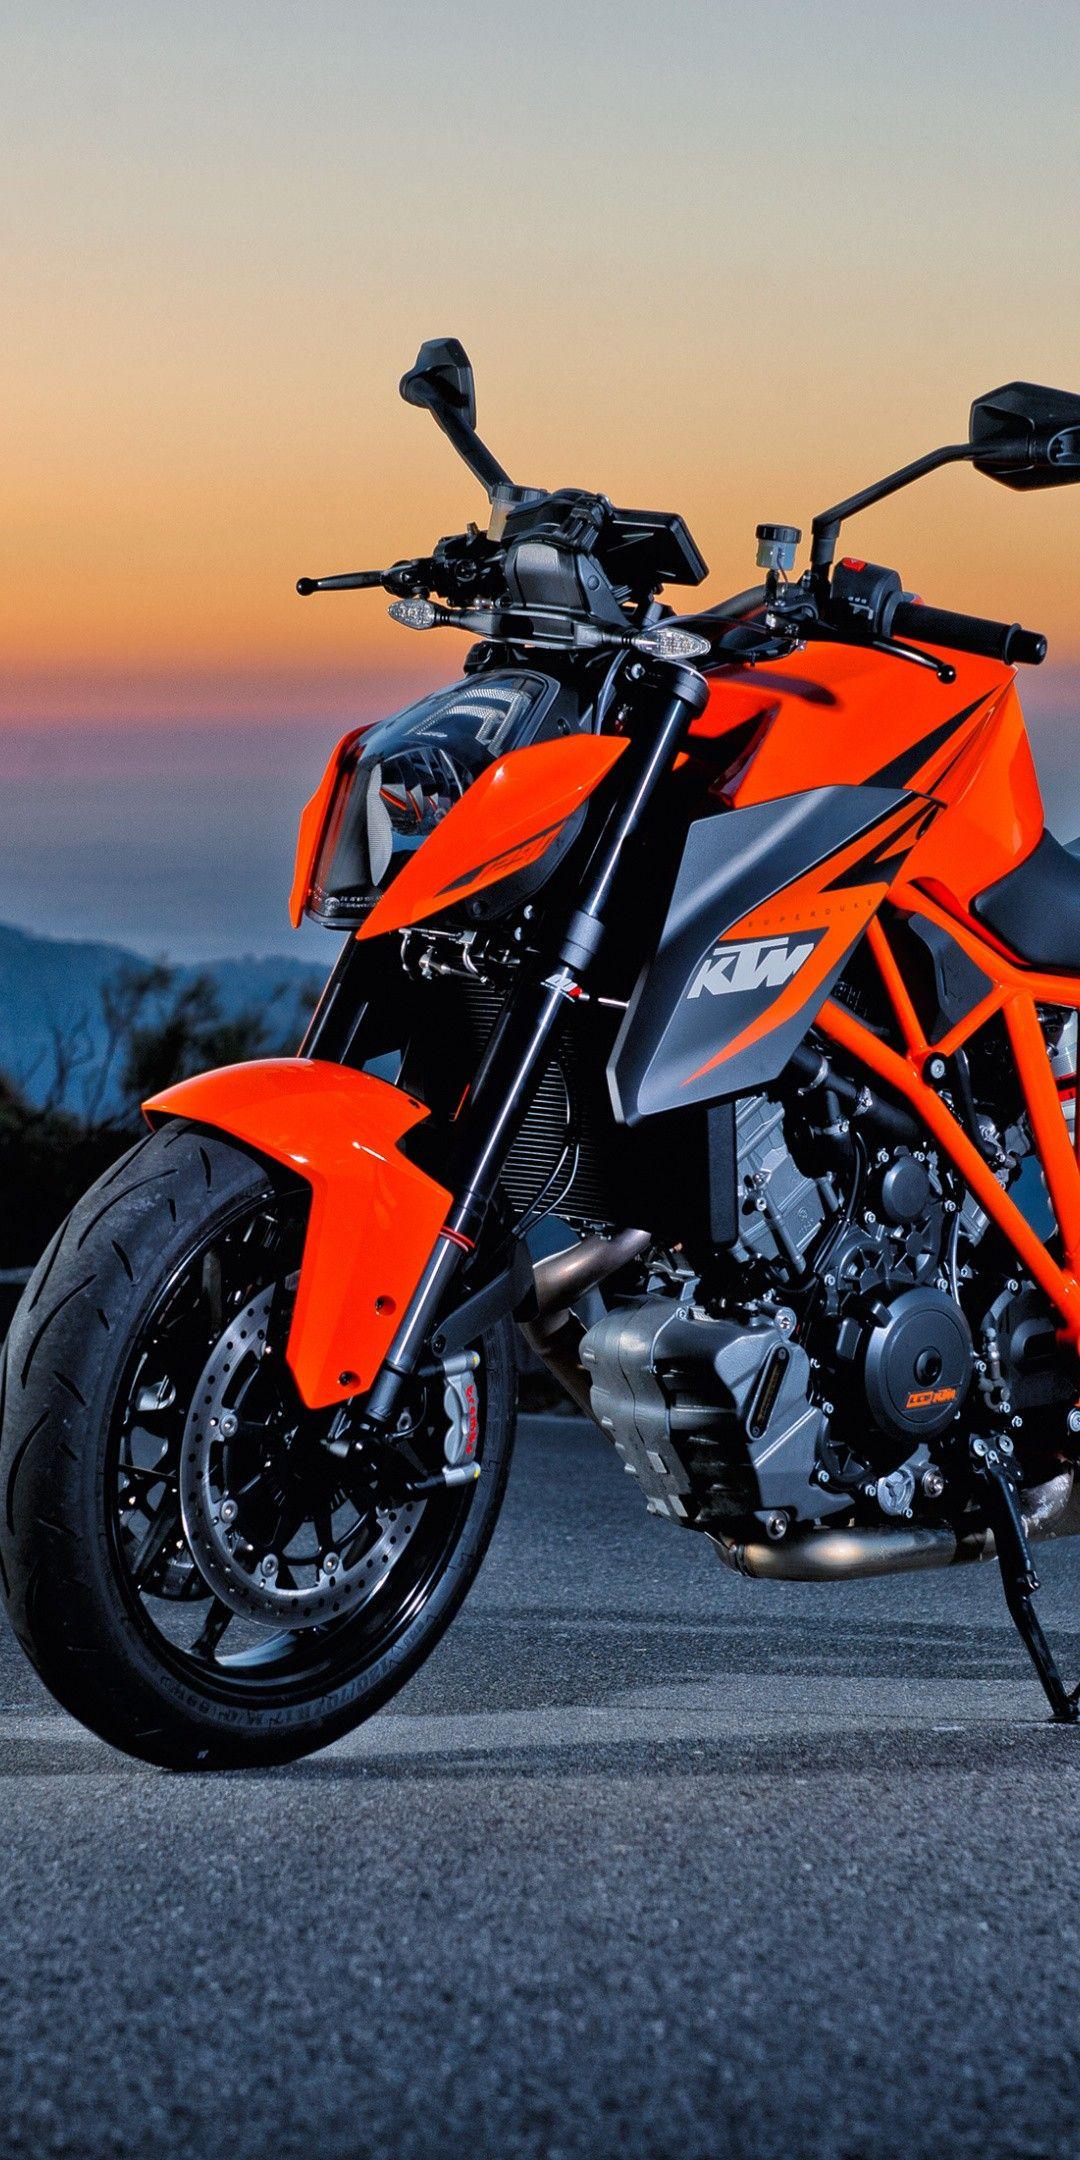 Epingle Par Joliya Kalpesh Sur Projects To Try En 2020 Moto